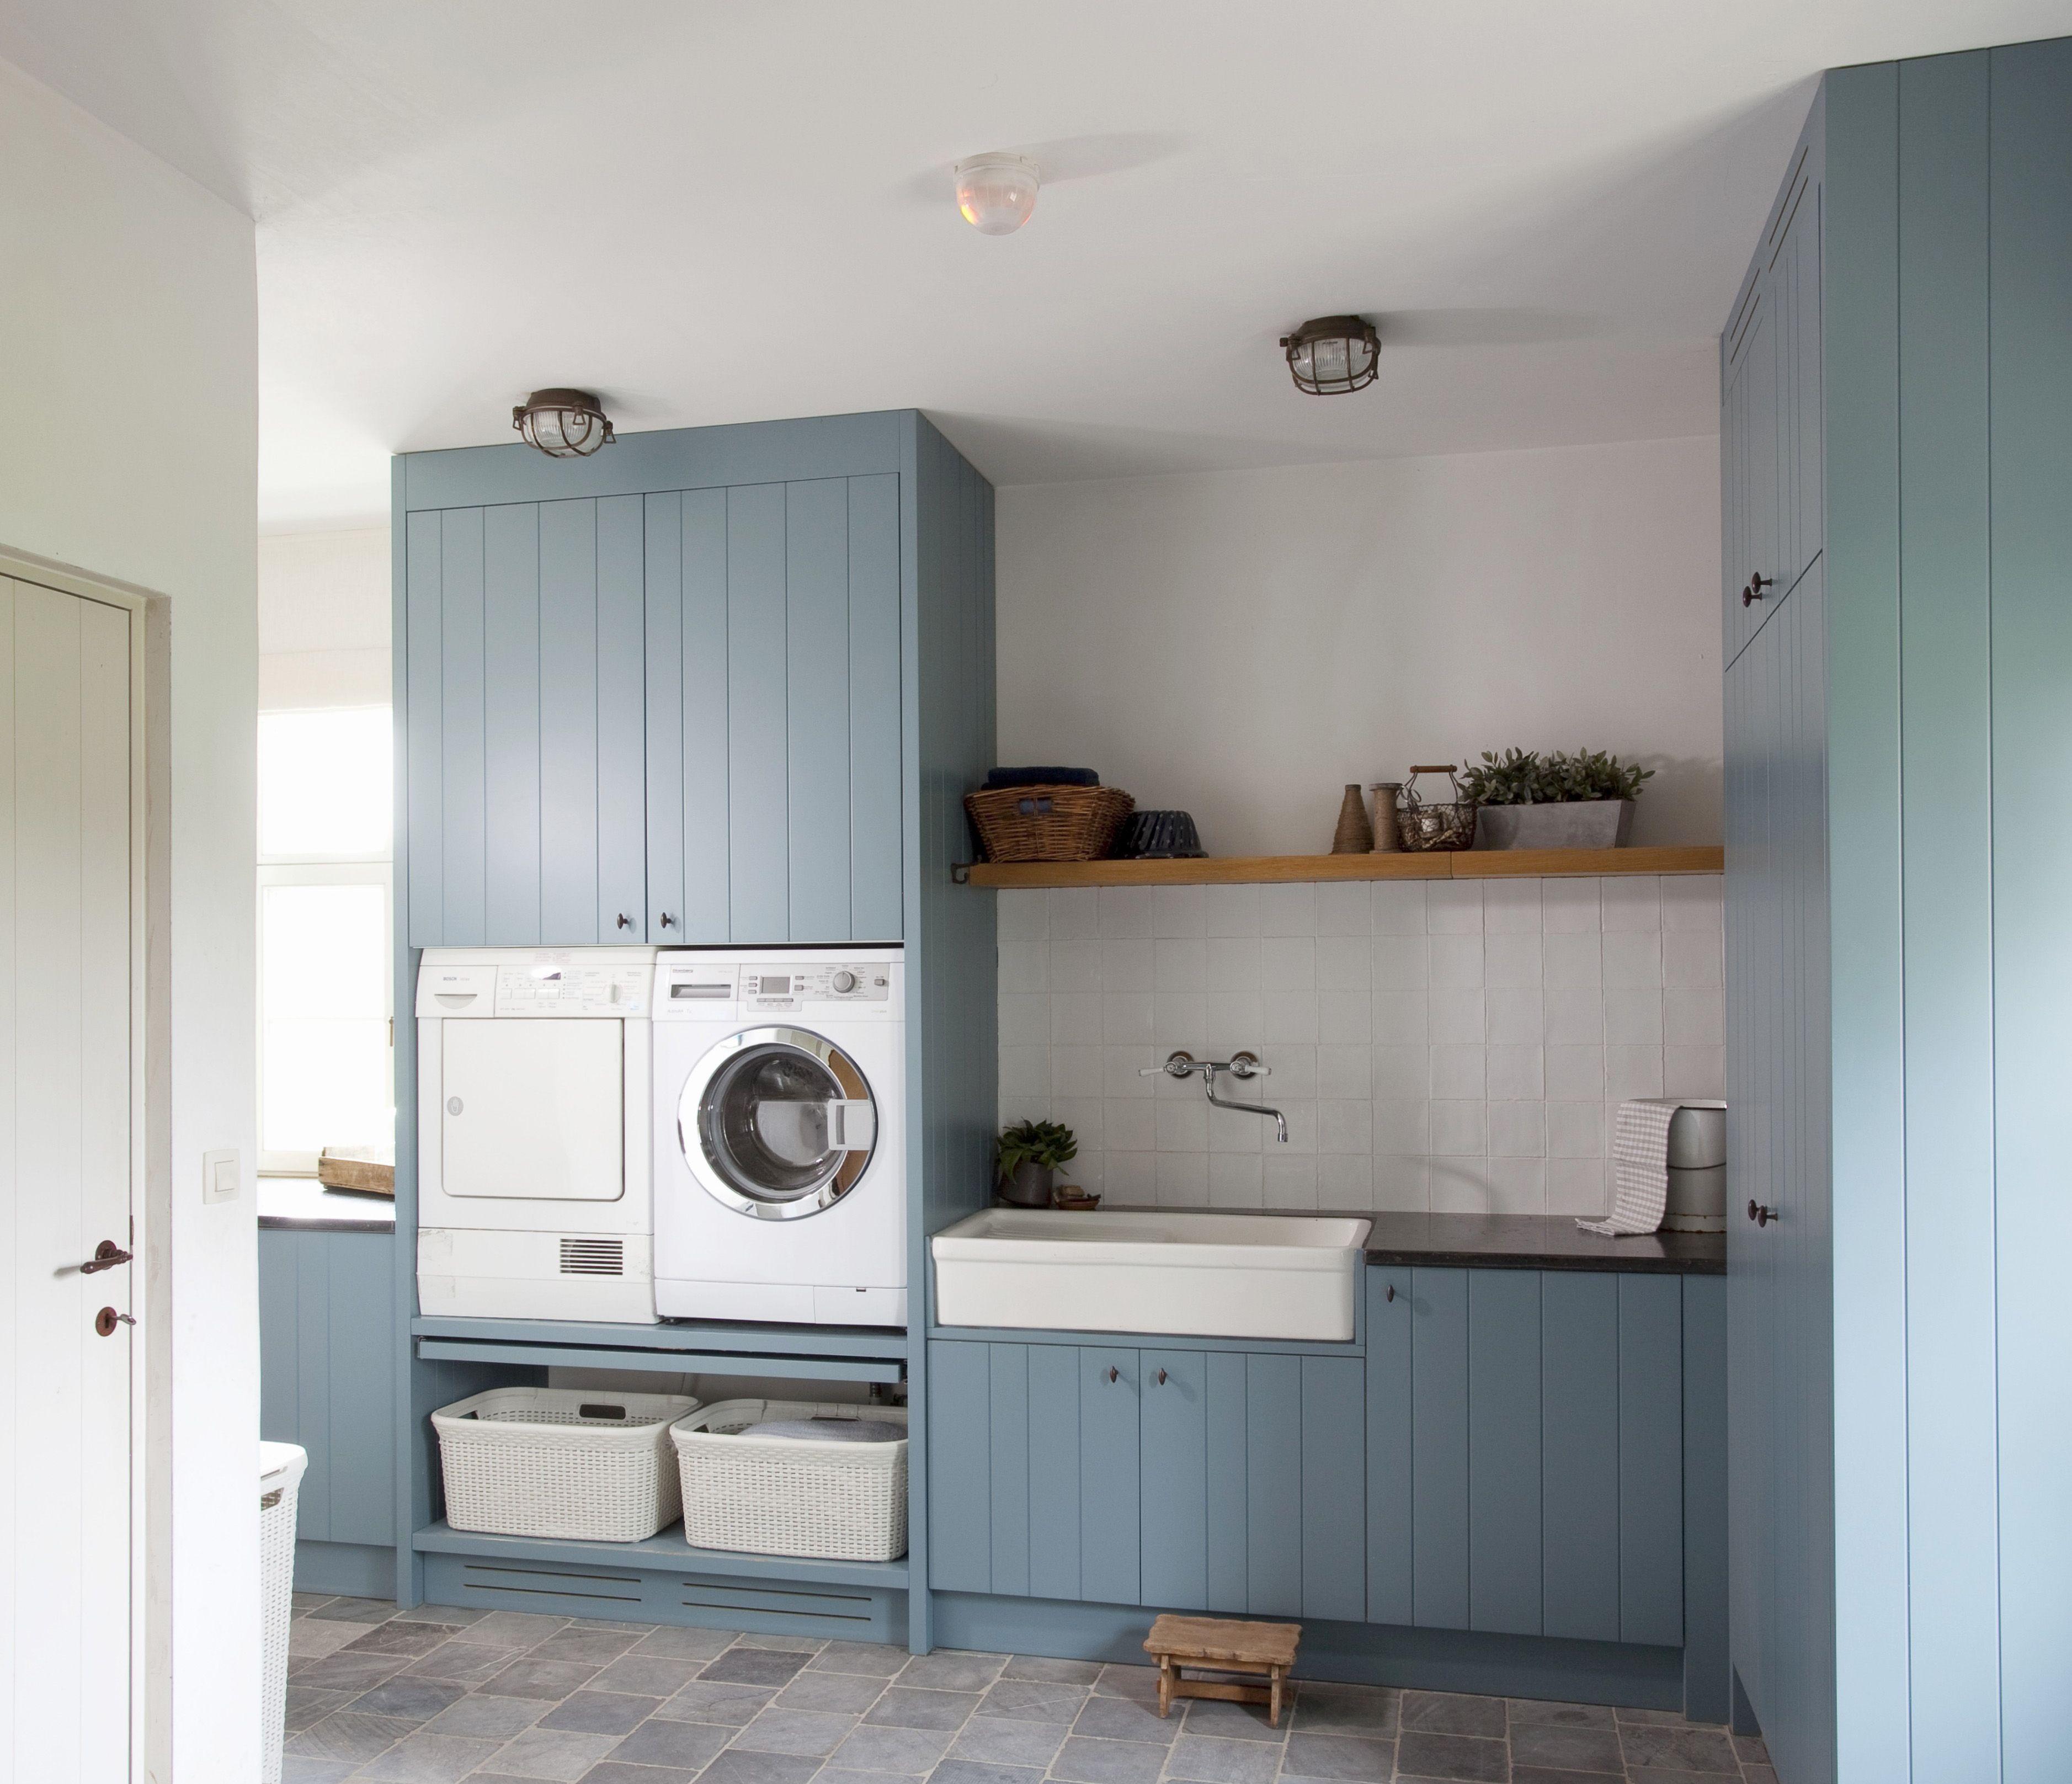 Install Waschmaschine Im Bad Wasche Helga Fischer Mix Waschkuchenorganisation Hauswirtschaftsraum Ideen Hauswirtschaftsraum